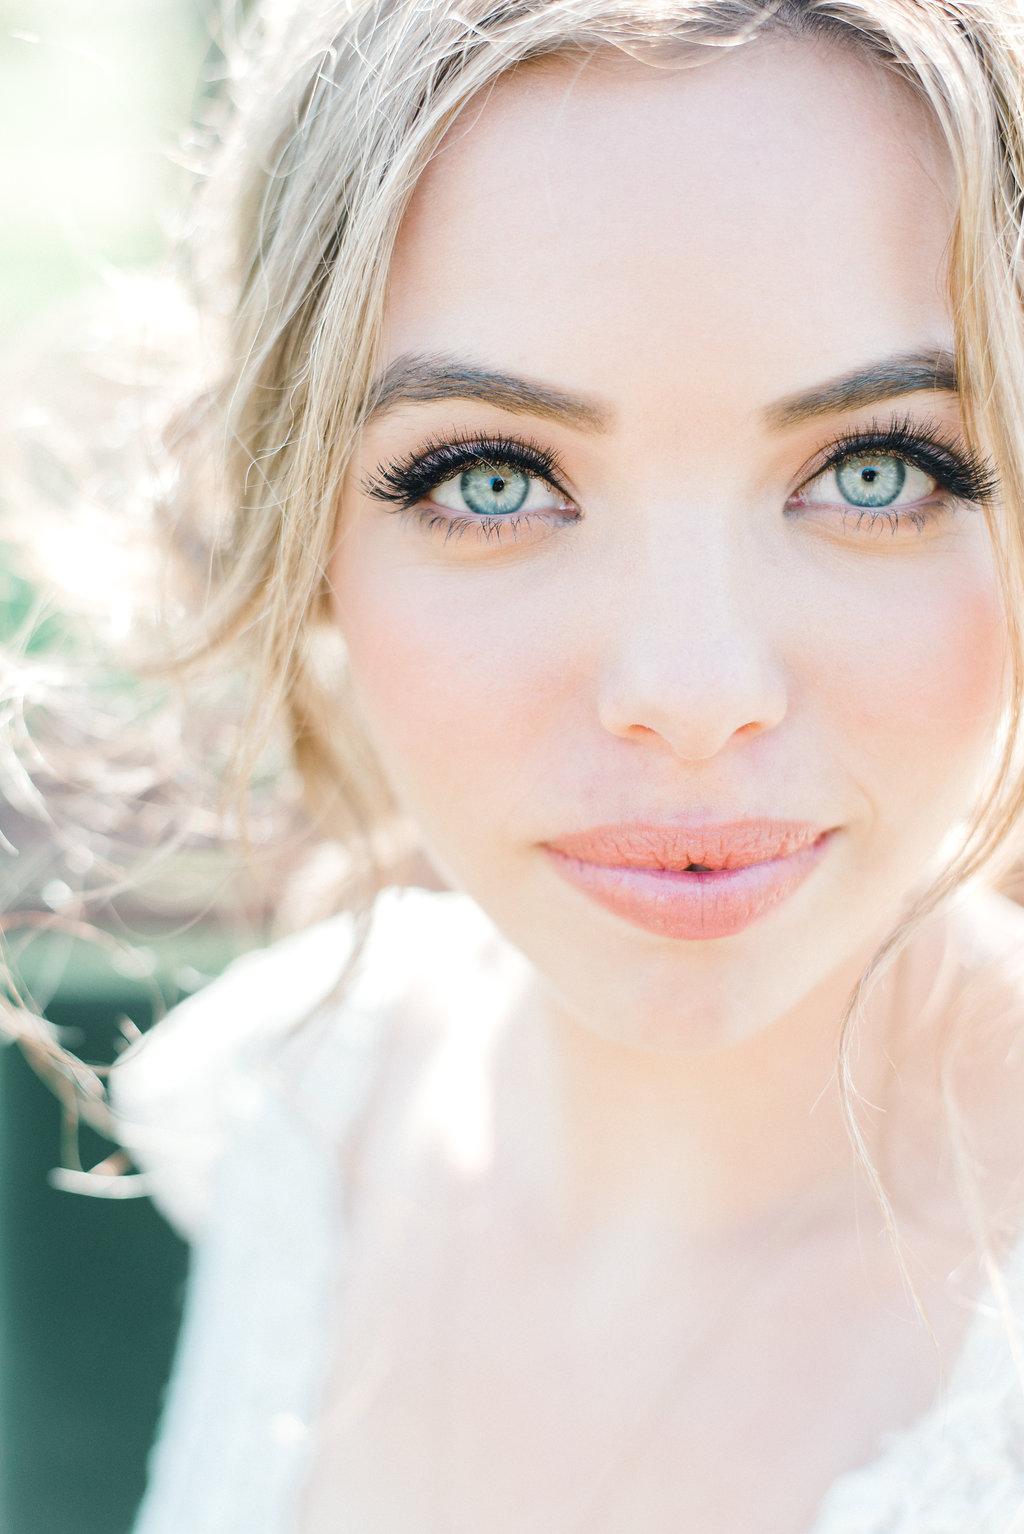 Brittany Blanchard Beauty - Houston Beauty